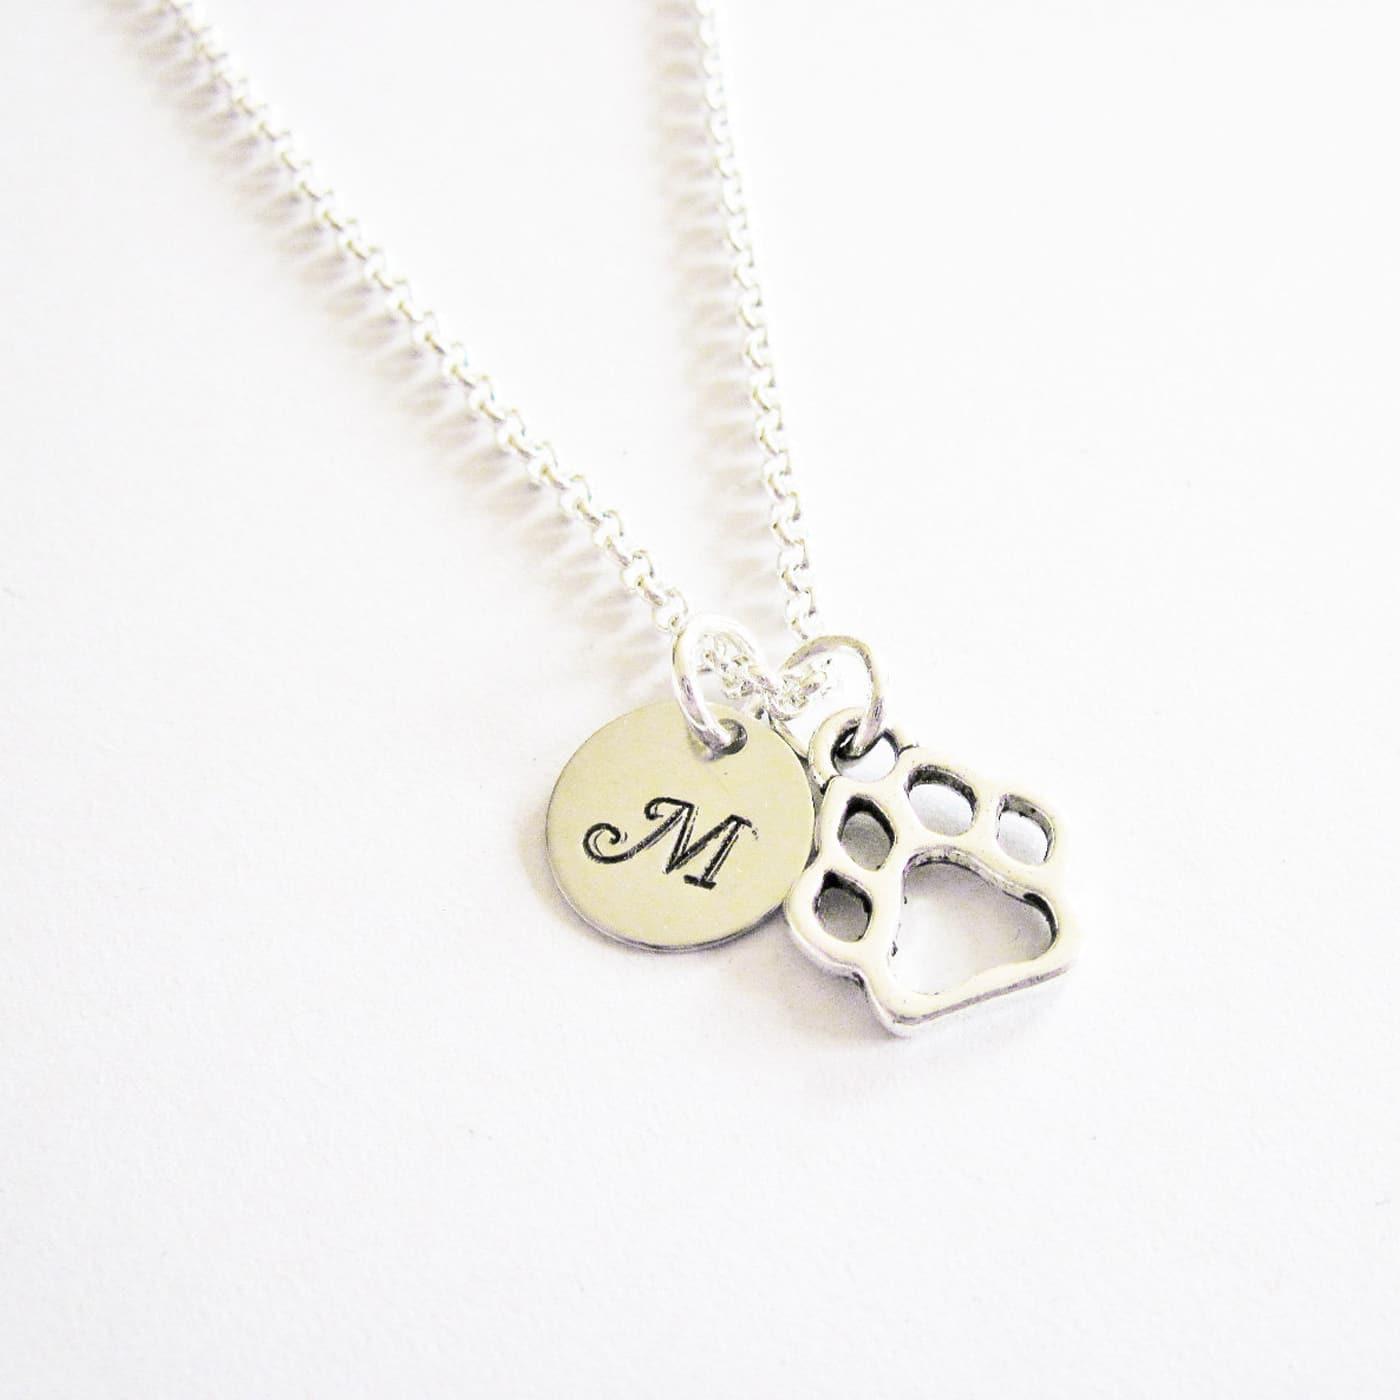 collana personalizzabile con pendente a forma di zampa di cane in metallo